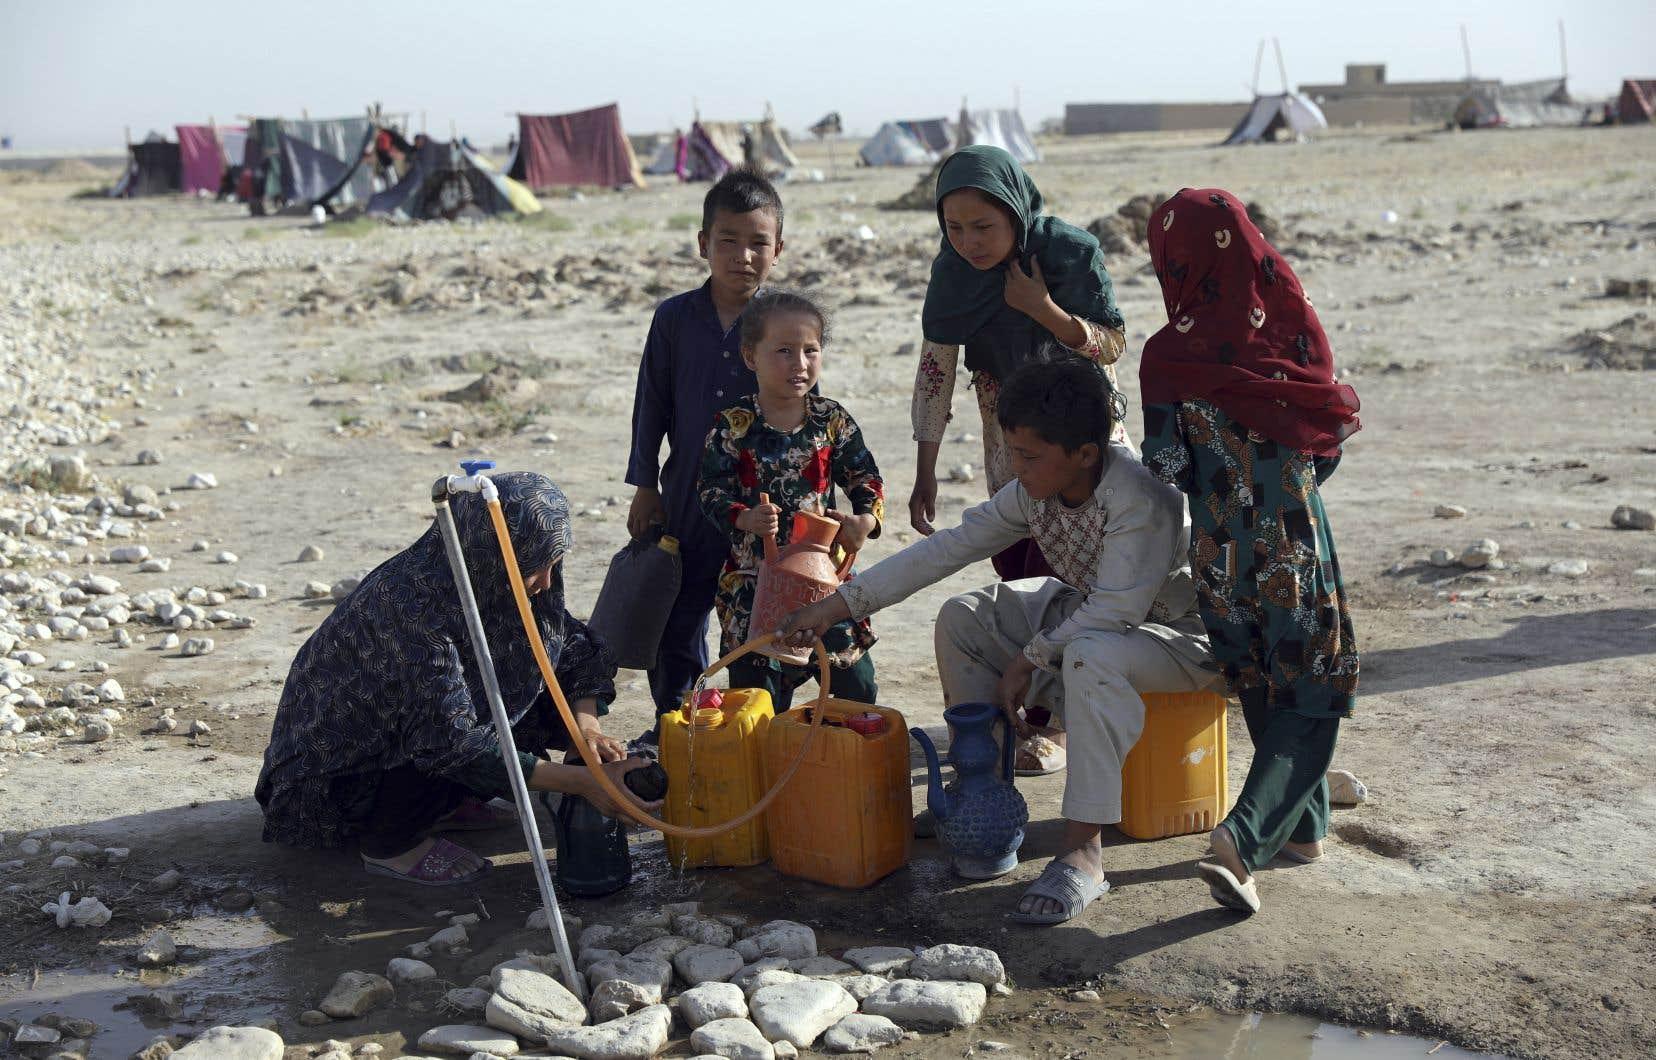 En Afghanistan, environ 50 % de la population compte sur l'aide humanitaire pour se procurer des biens essentiels.